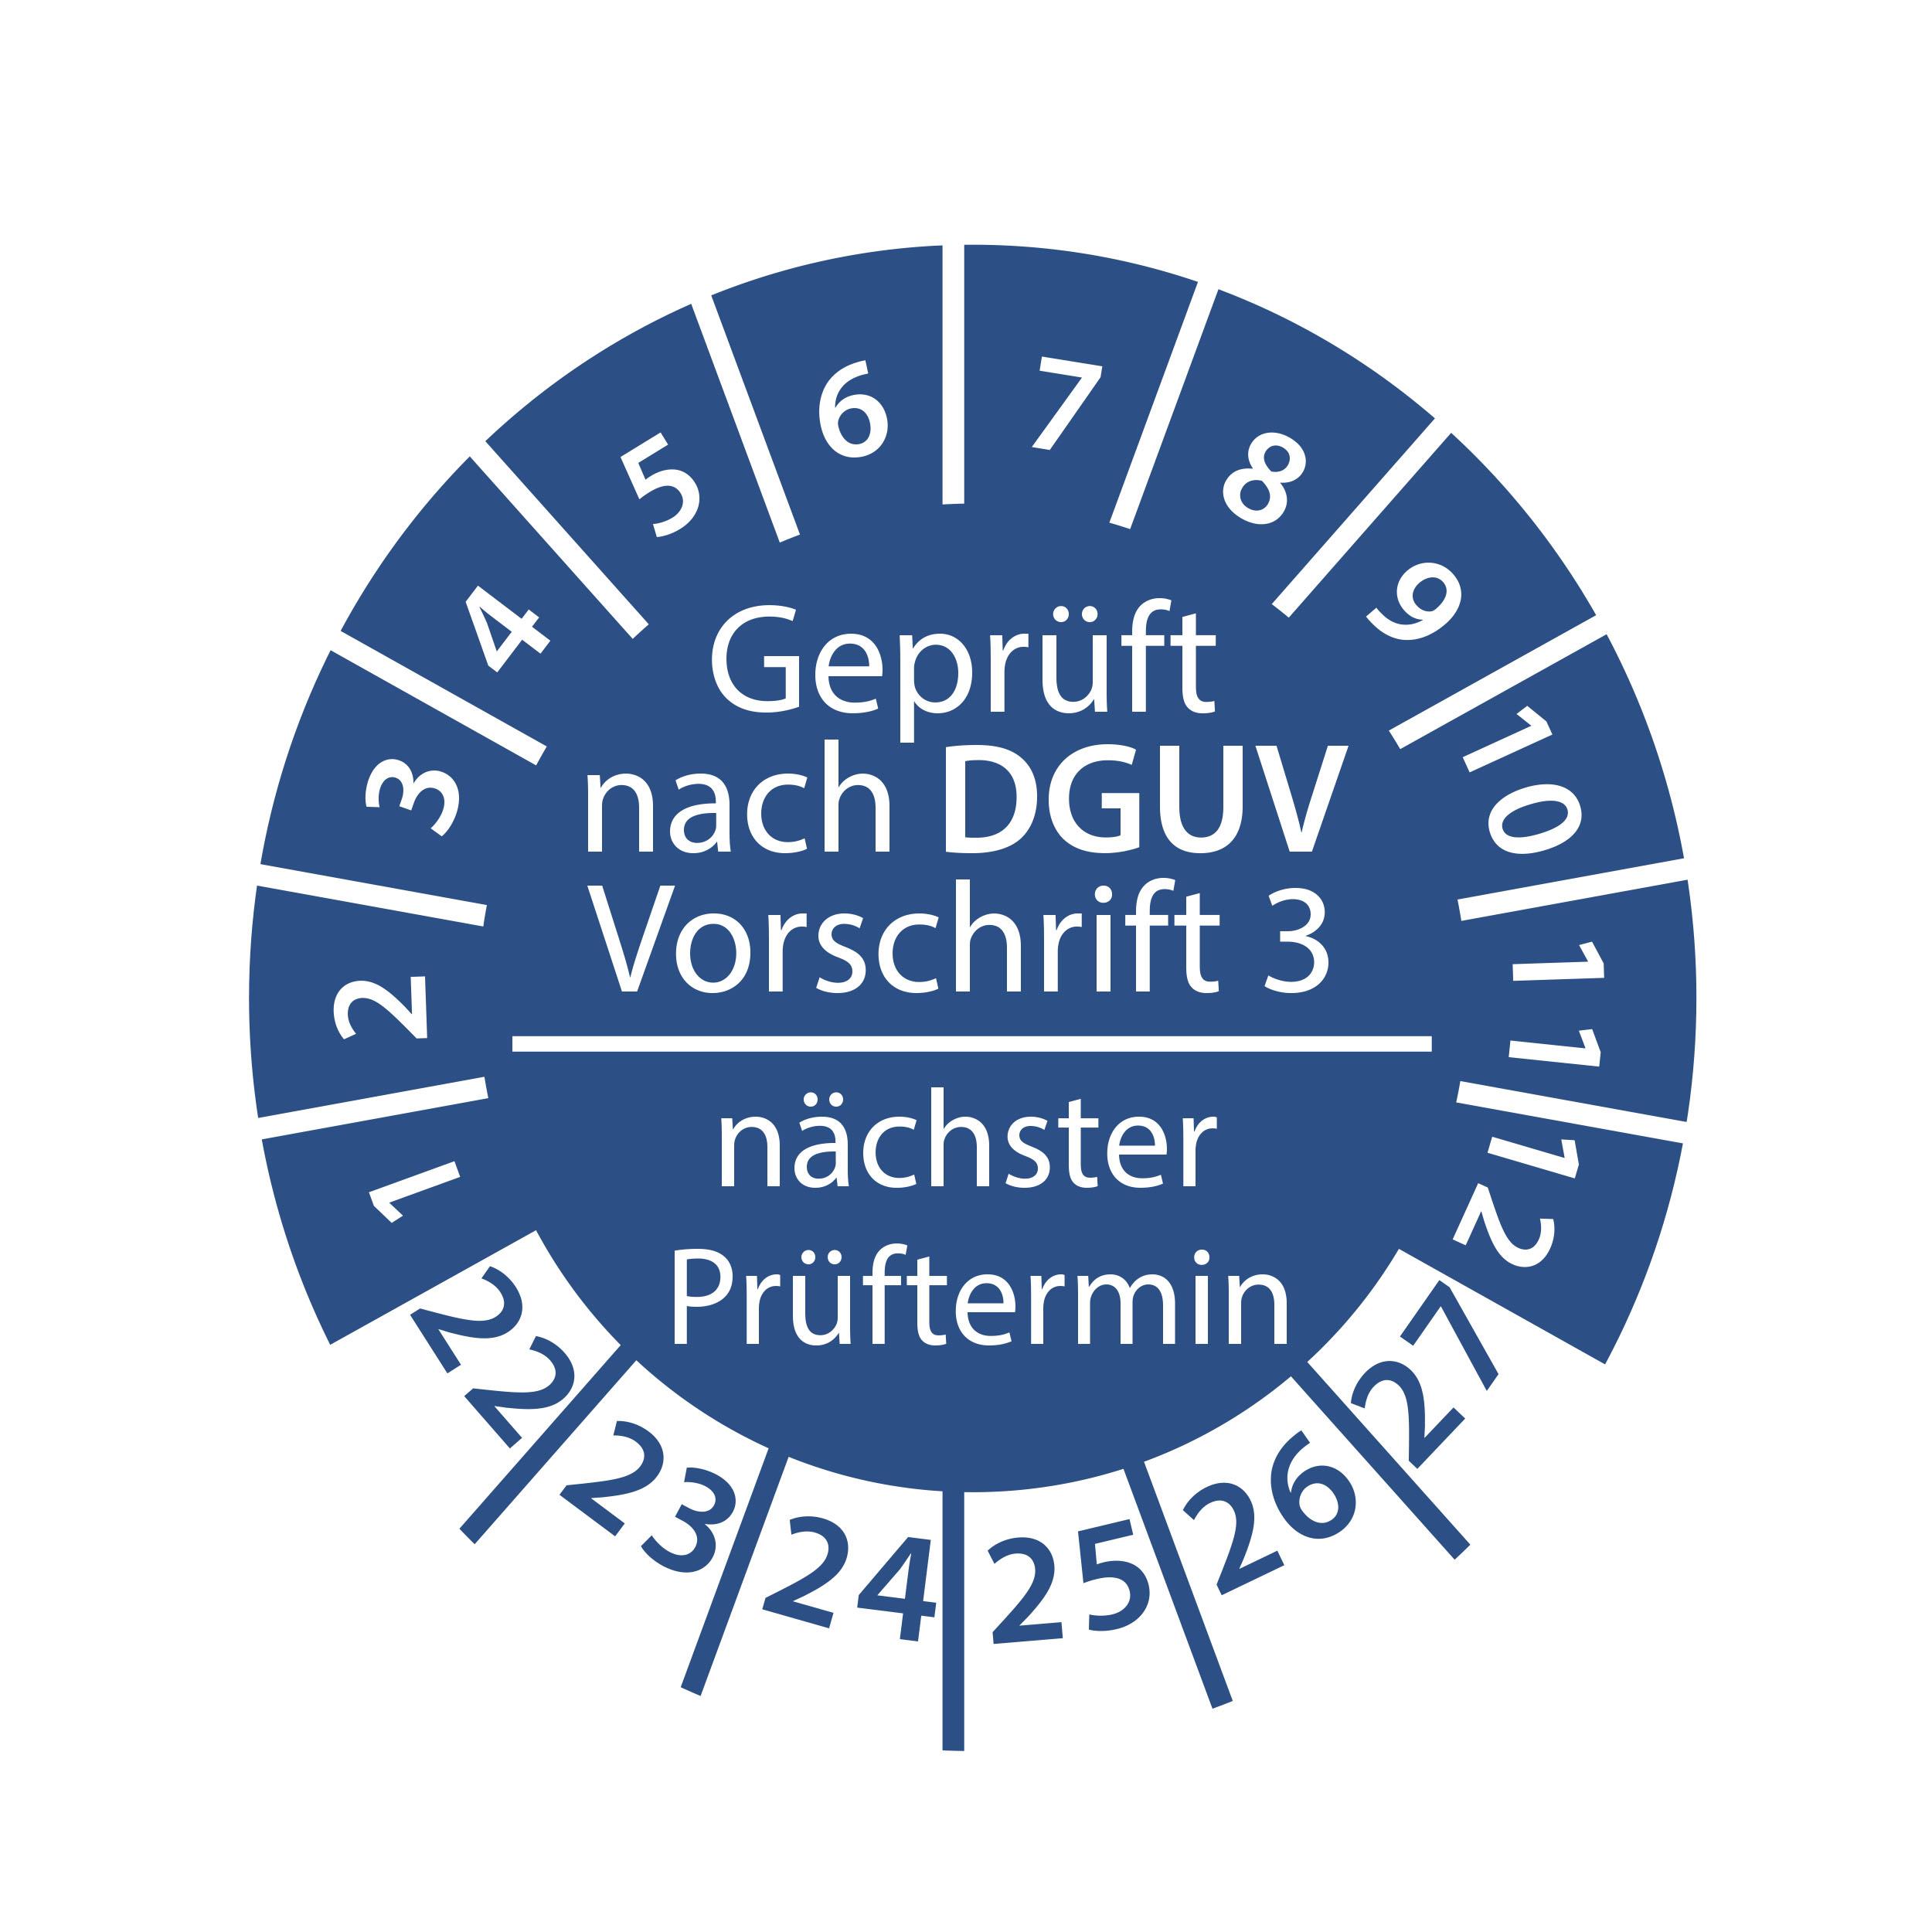 Prüfplakette geprüft nach DGUV Vorschrift 3 nächster Prüftermin 2022-2027 Ø 30mm Rund Gelb/Blau Prüfetikett Prüfaufkleber